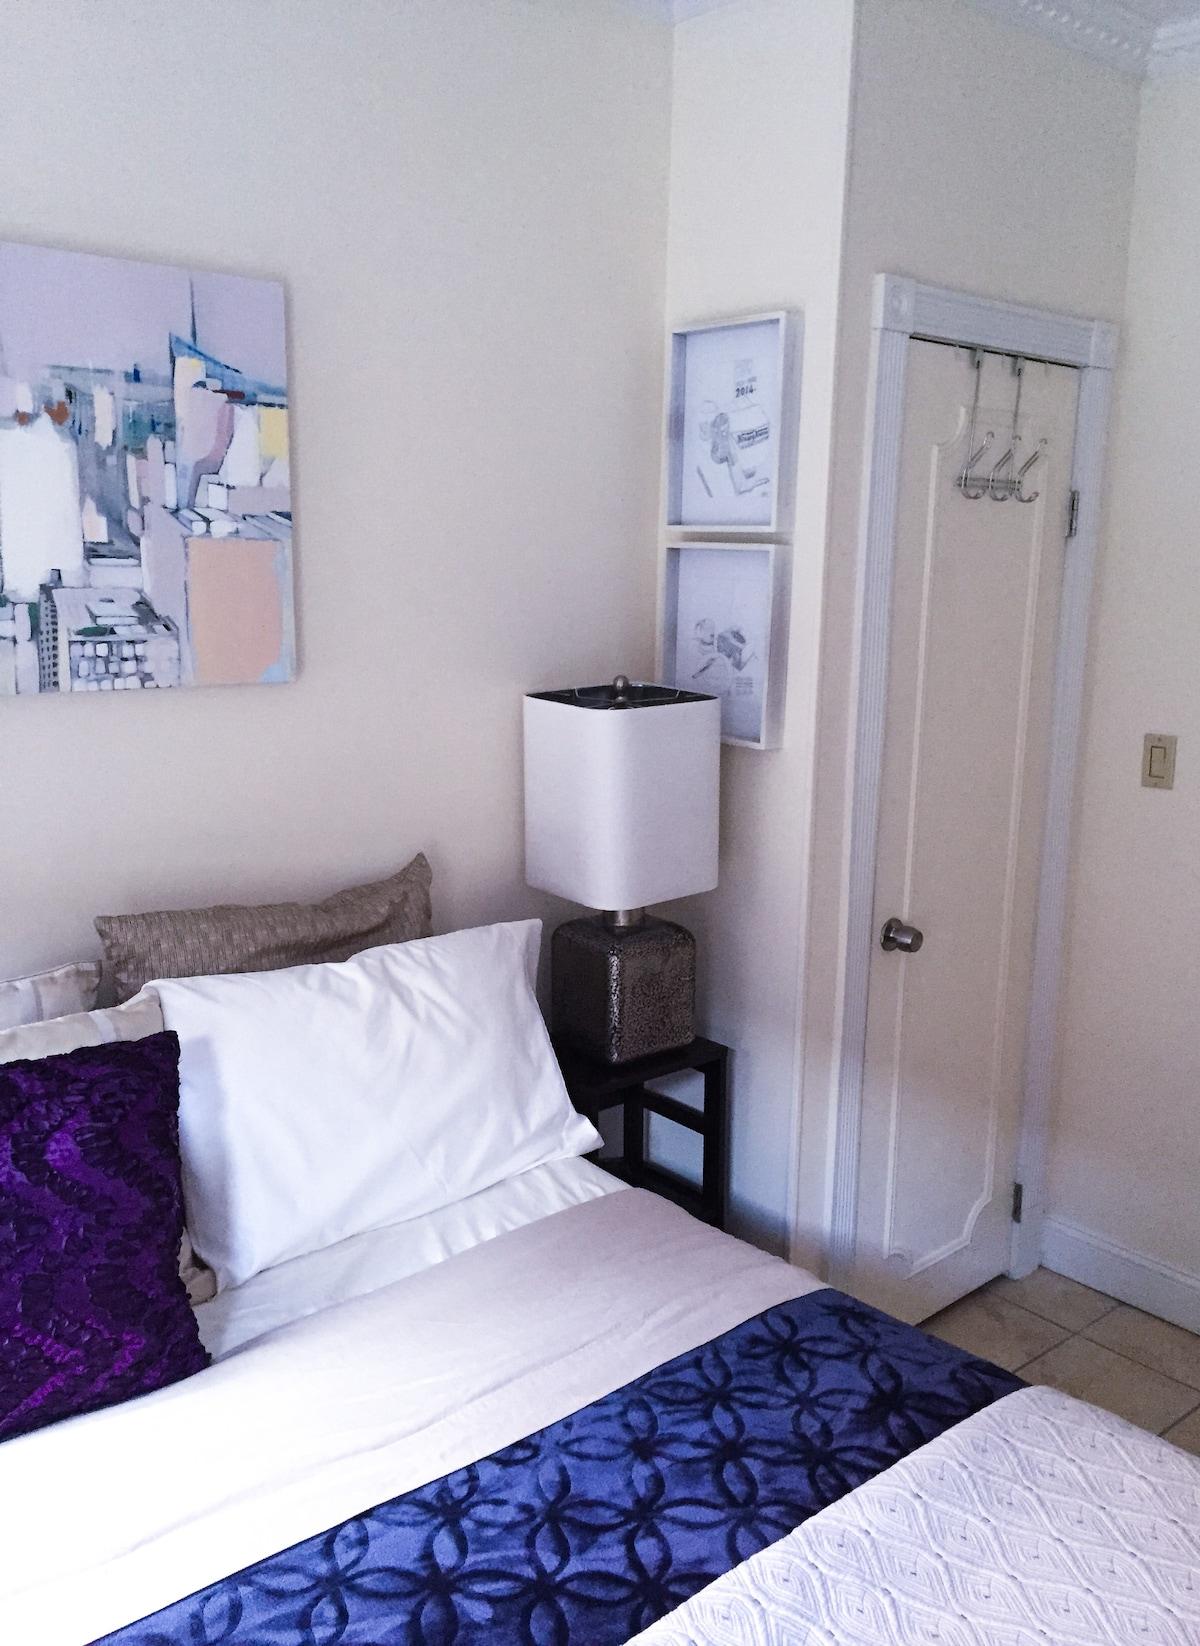 Bed & Closet